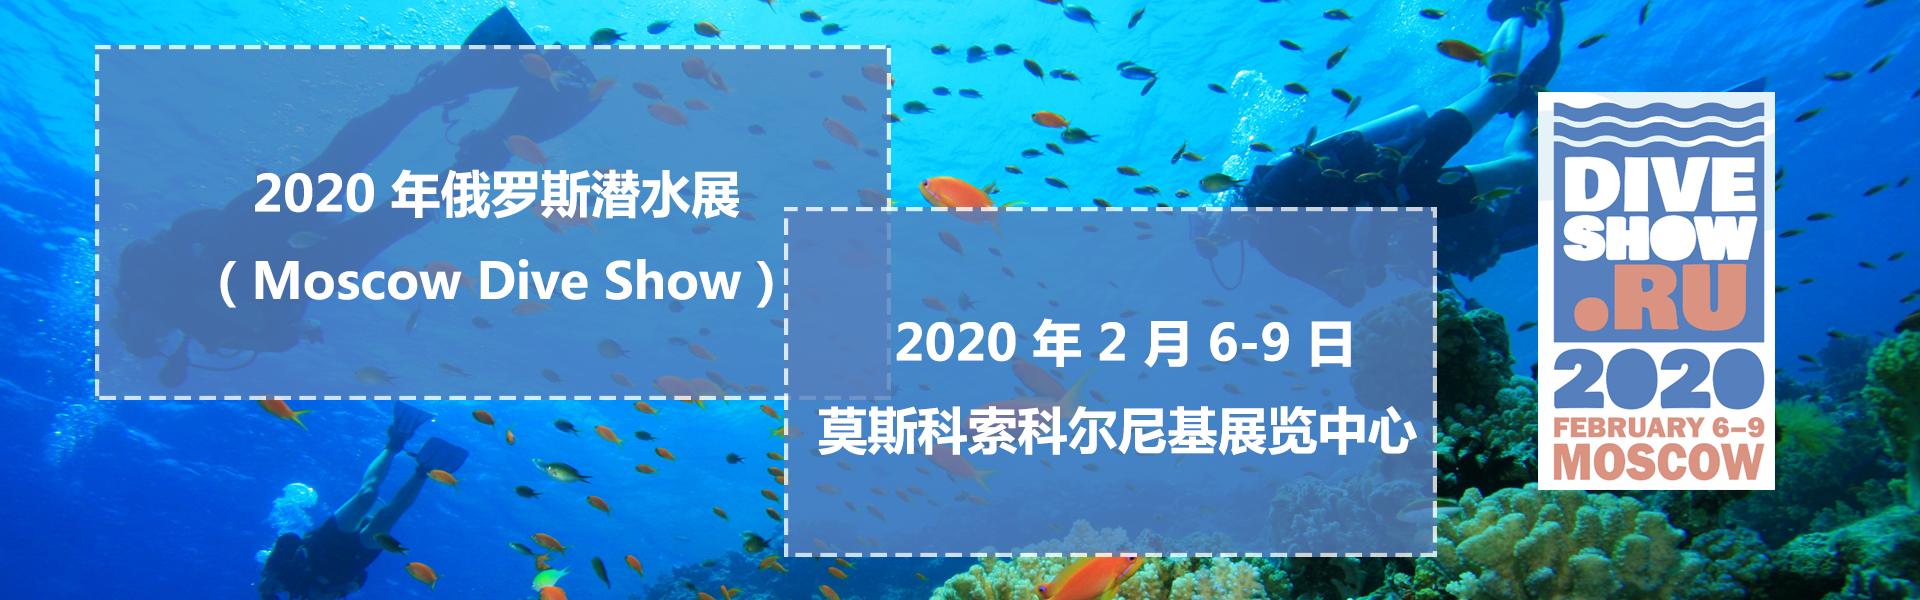 2020年俄罗斯潜水展